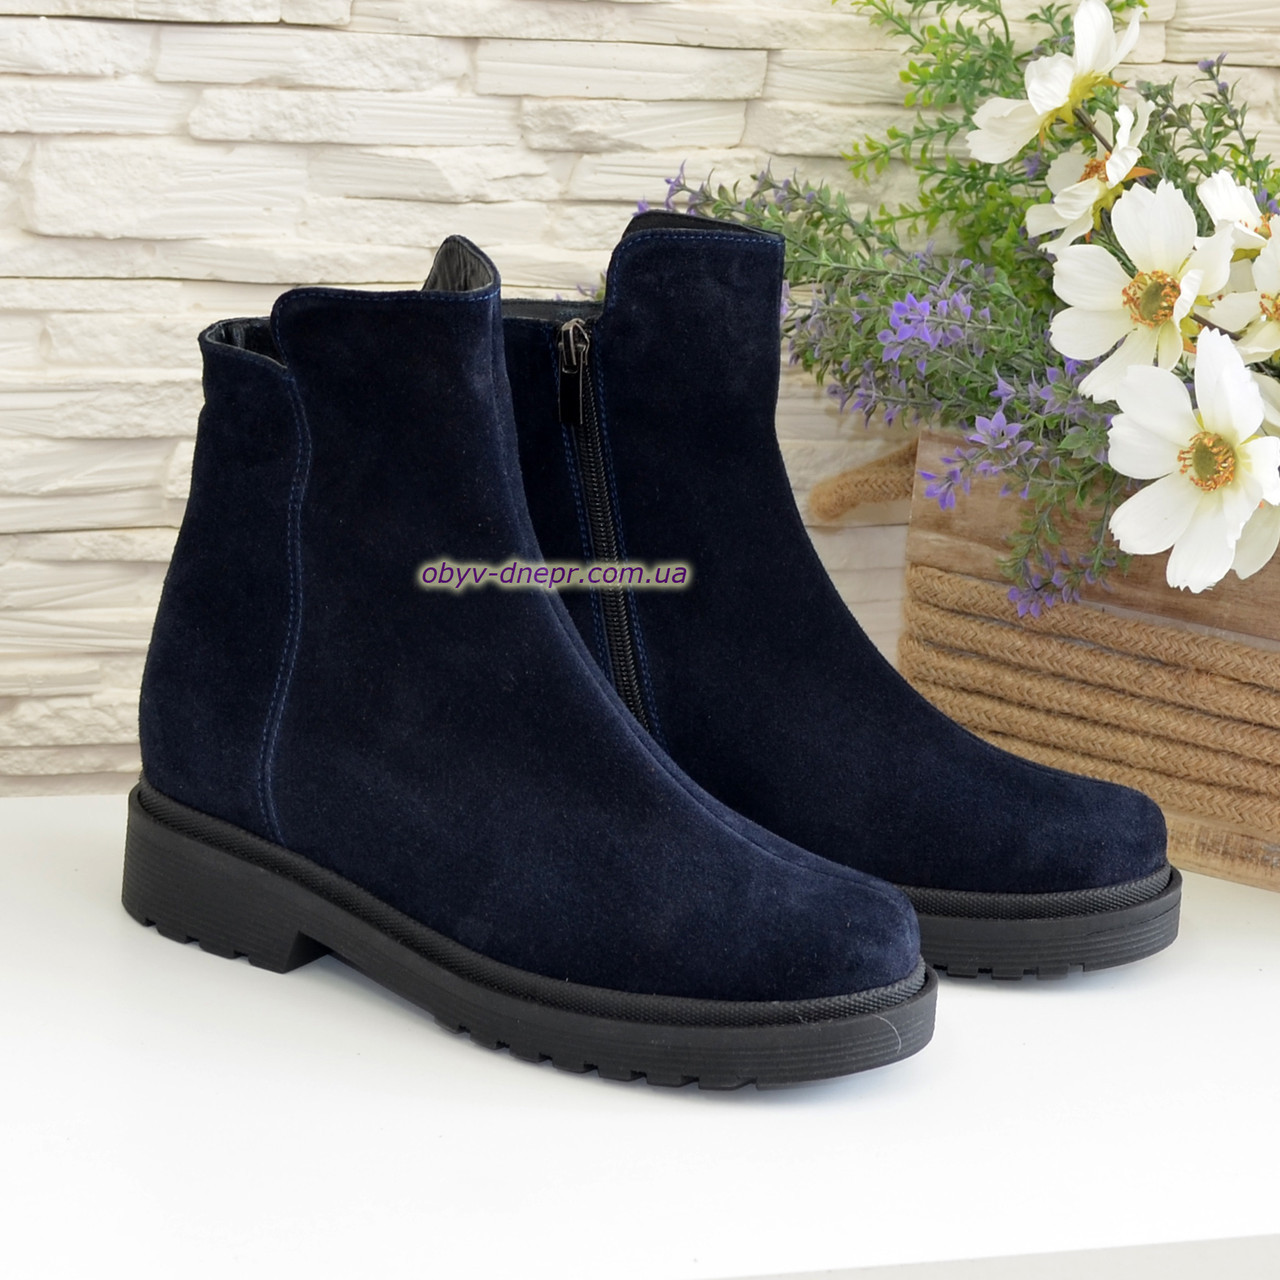 Ботинки женские замшевые демисезонные на маленьком каблуке, цвет синий